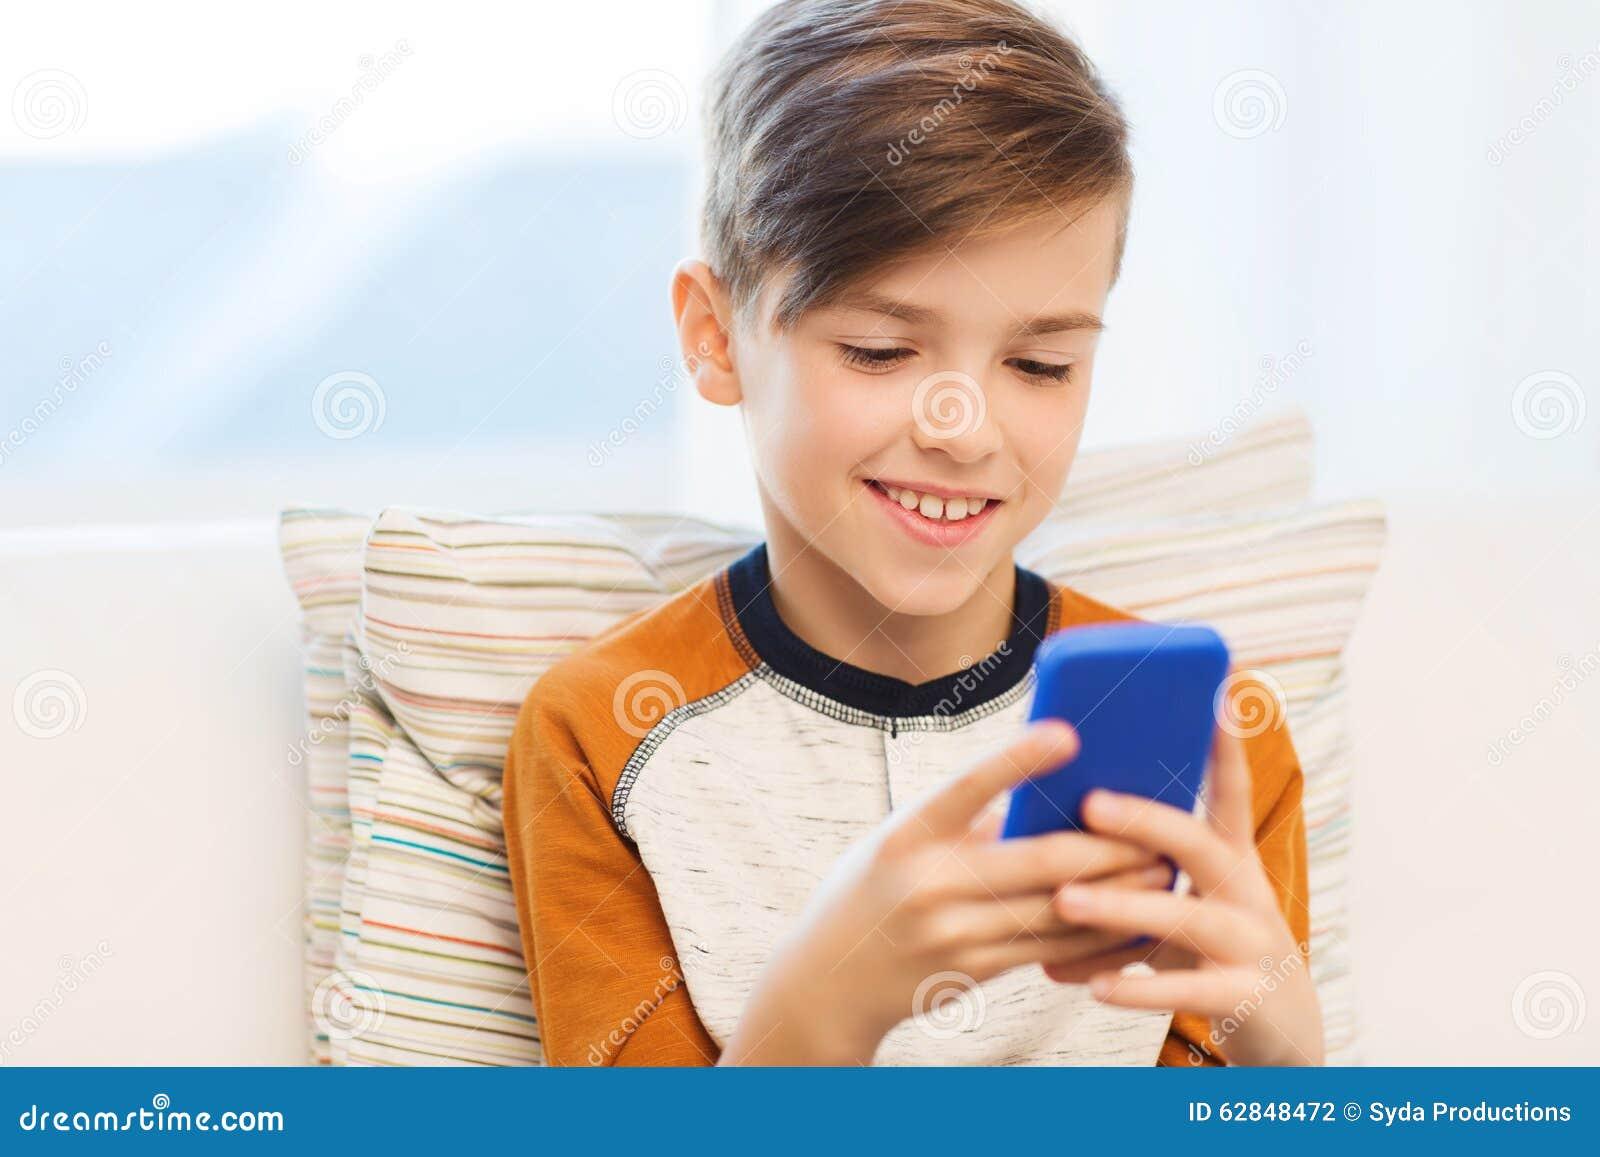 junge mit dem smartphone der zu hause simst oder spielt stockfoto bild von lebensstil. Black Bedroom Furniture Sets. Home Design Ideas